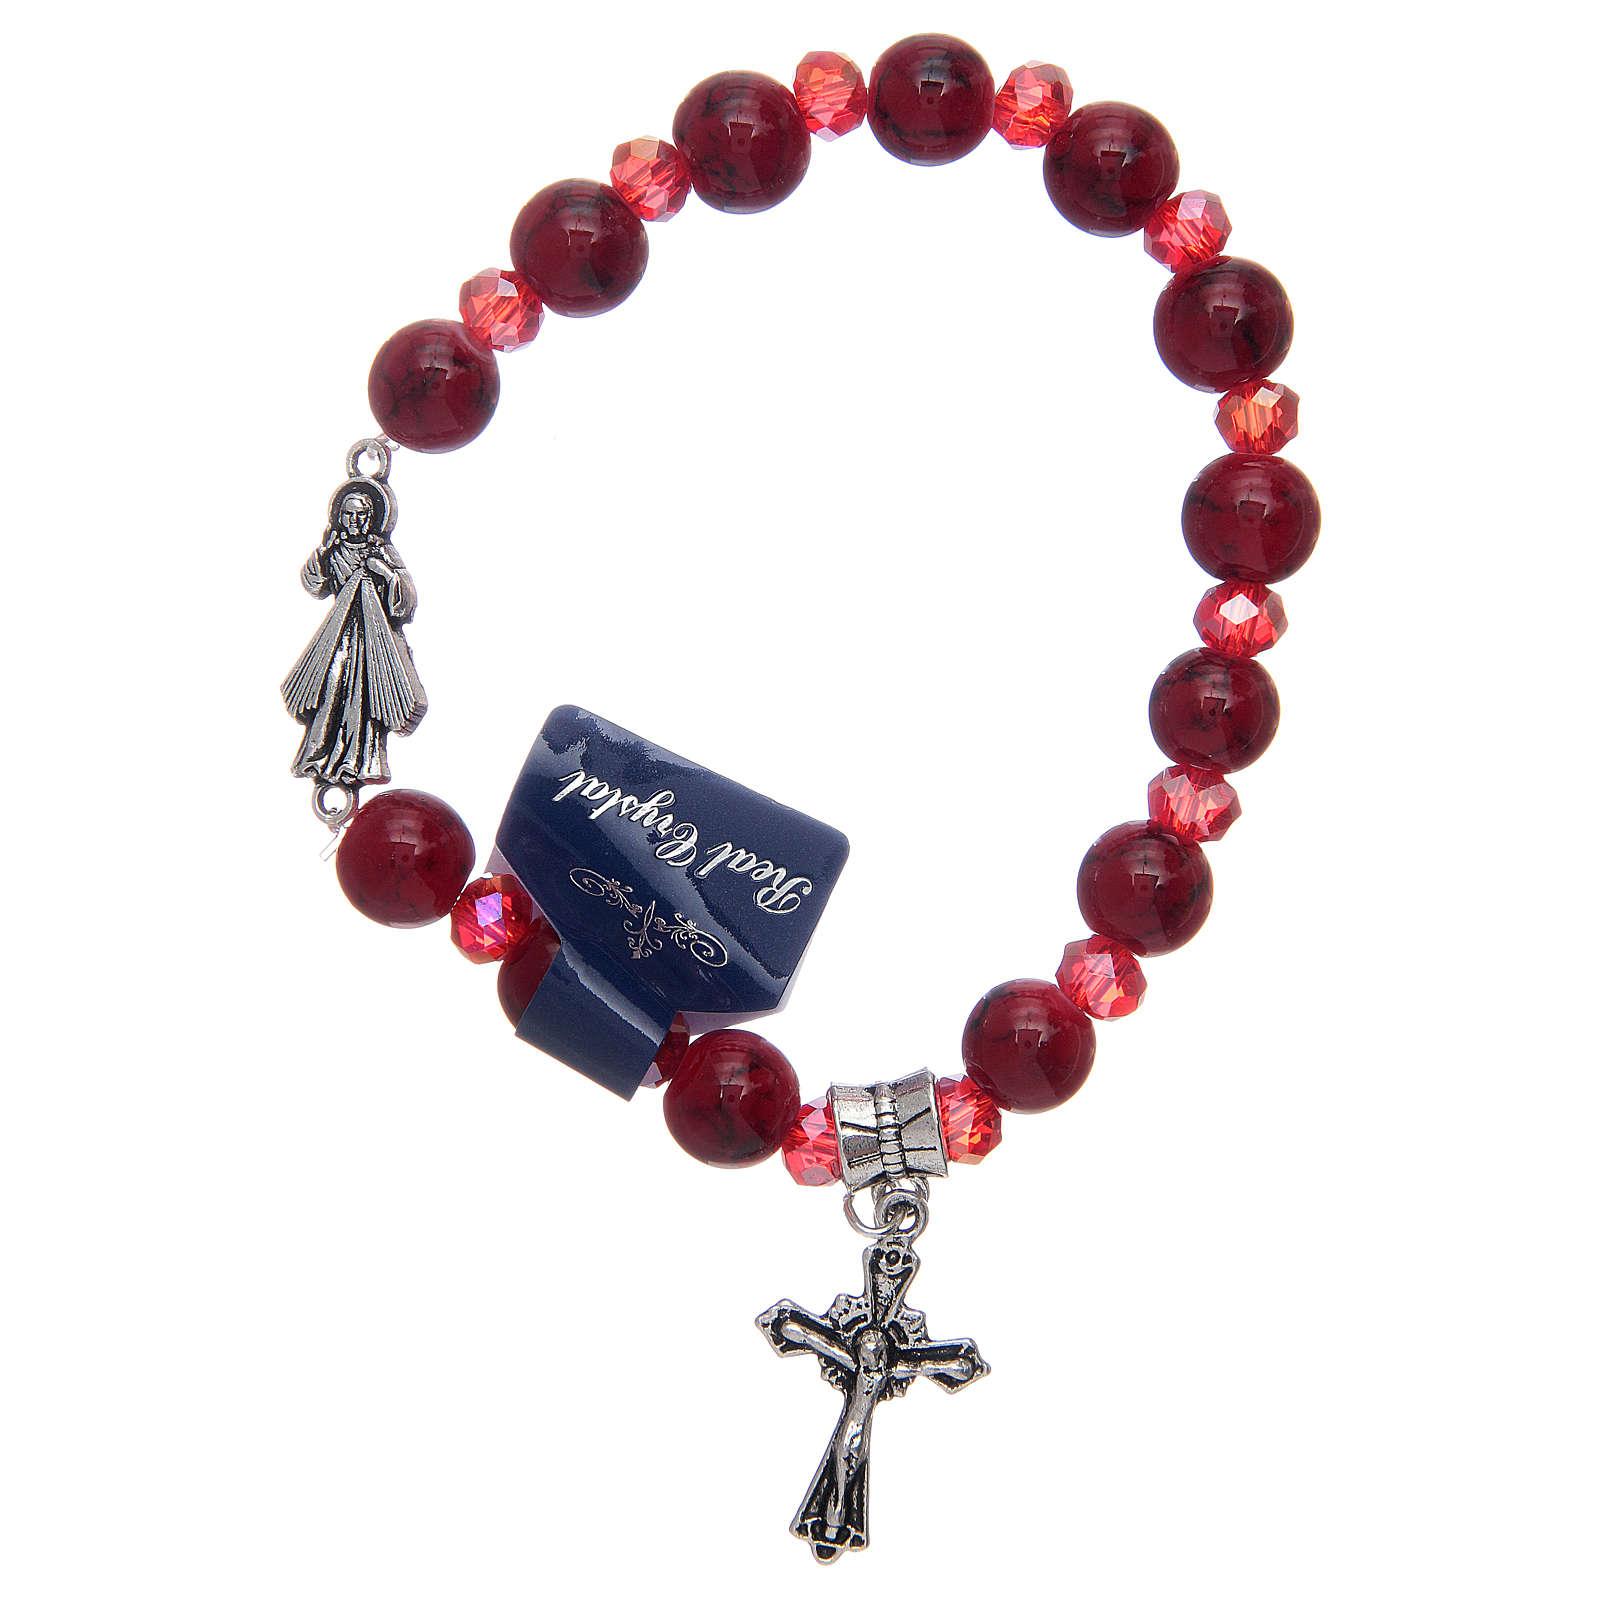 Bracciale elastico con grani in vetro rosso Gesù Misericordioso 4